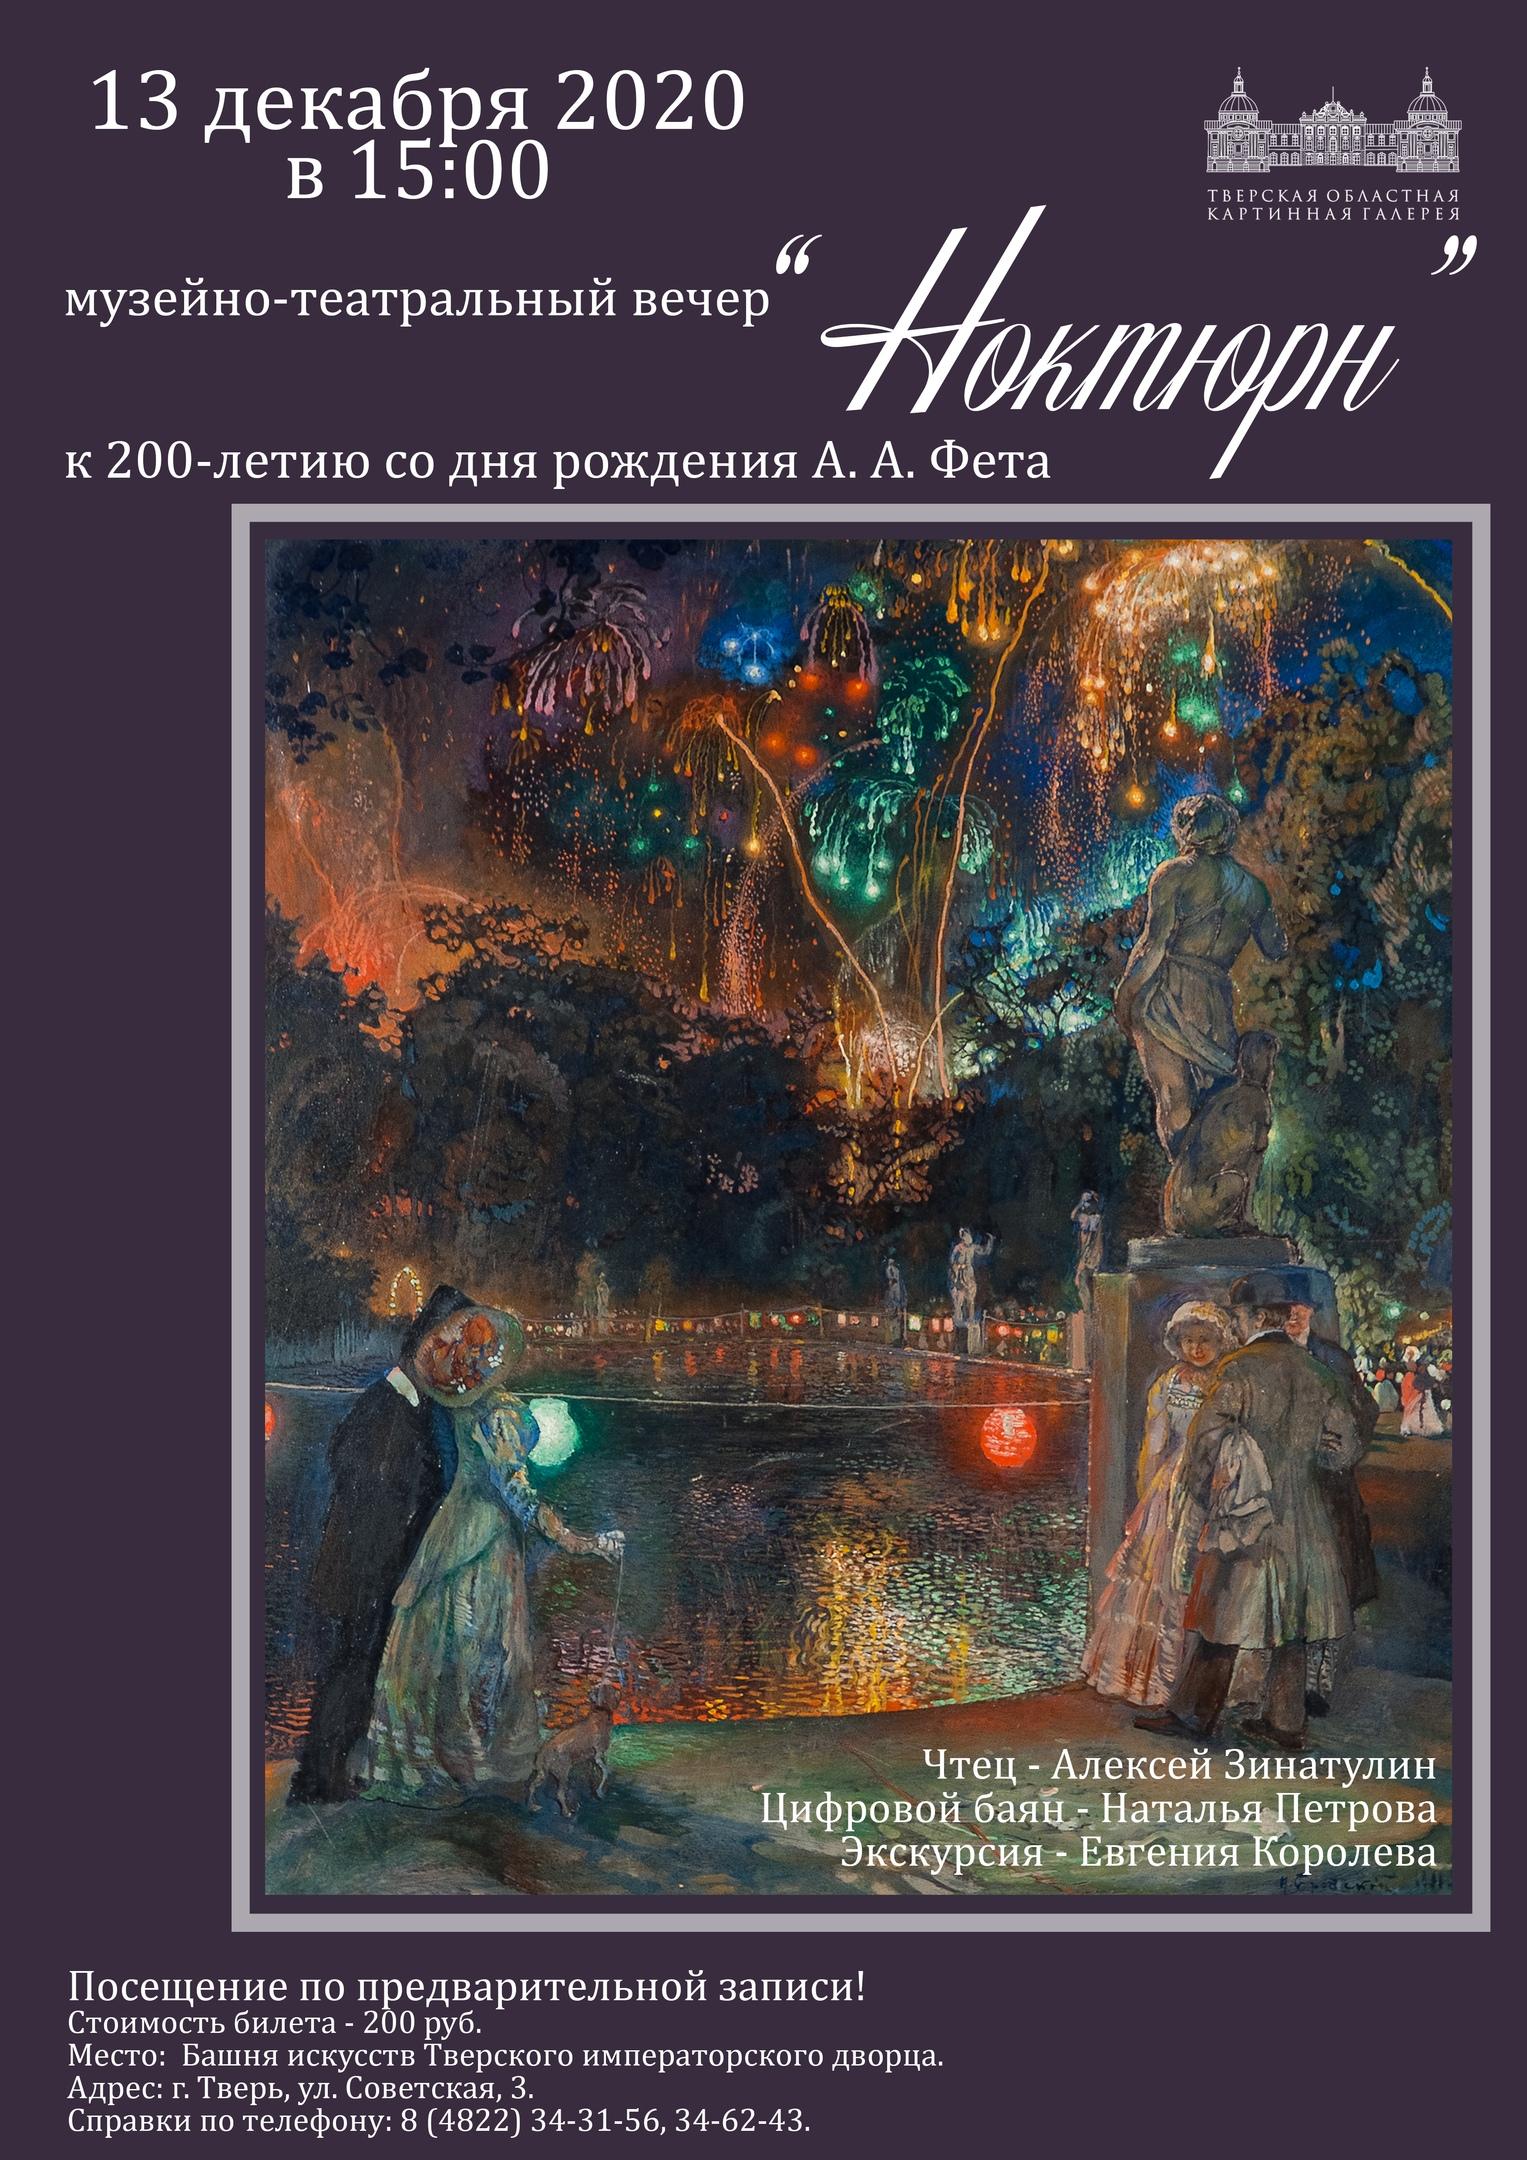 Тверской императорский дворец приглашает на театральный вечер в честь юбилея Афанасия Фета